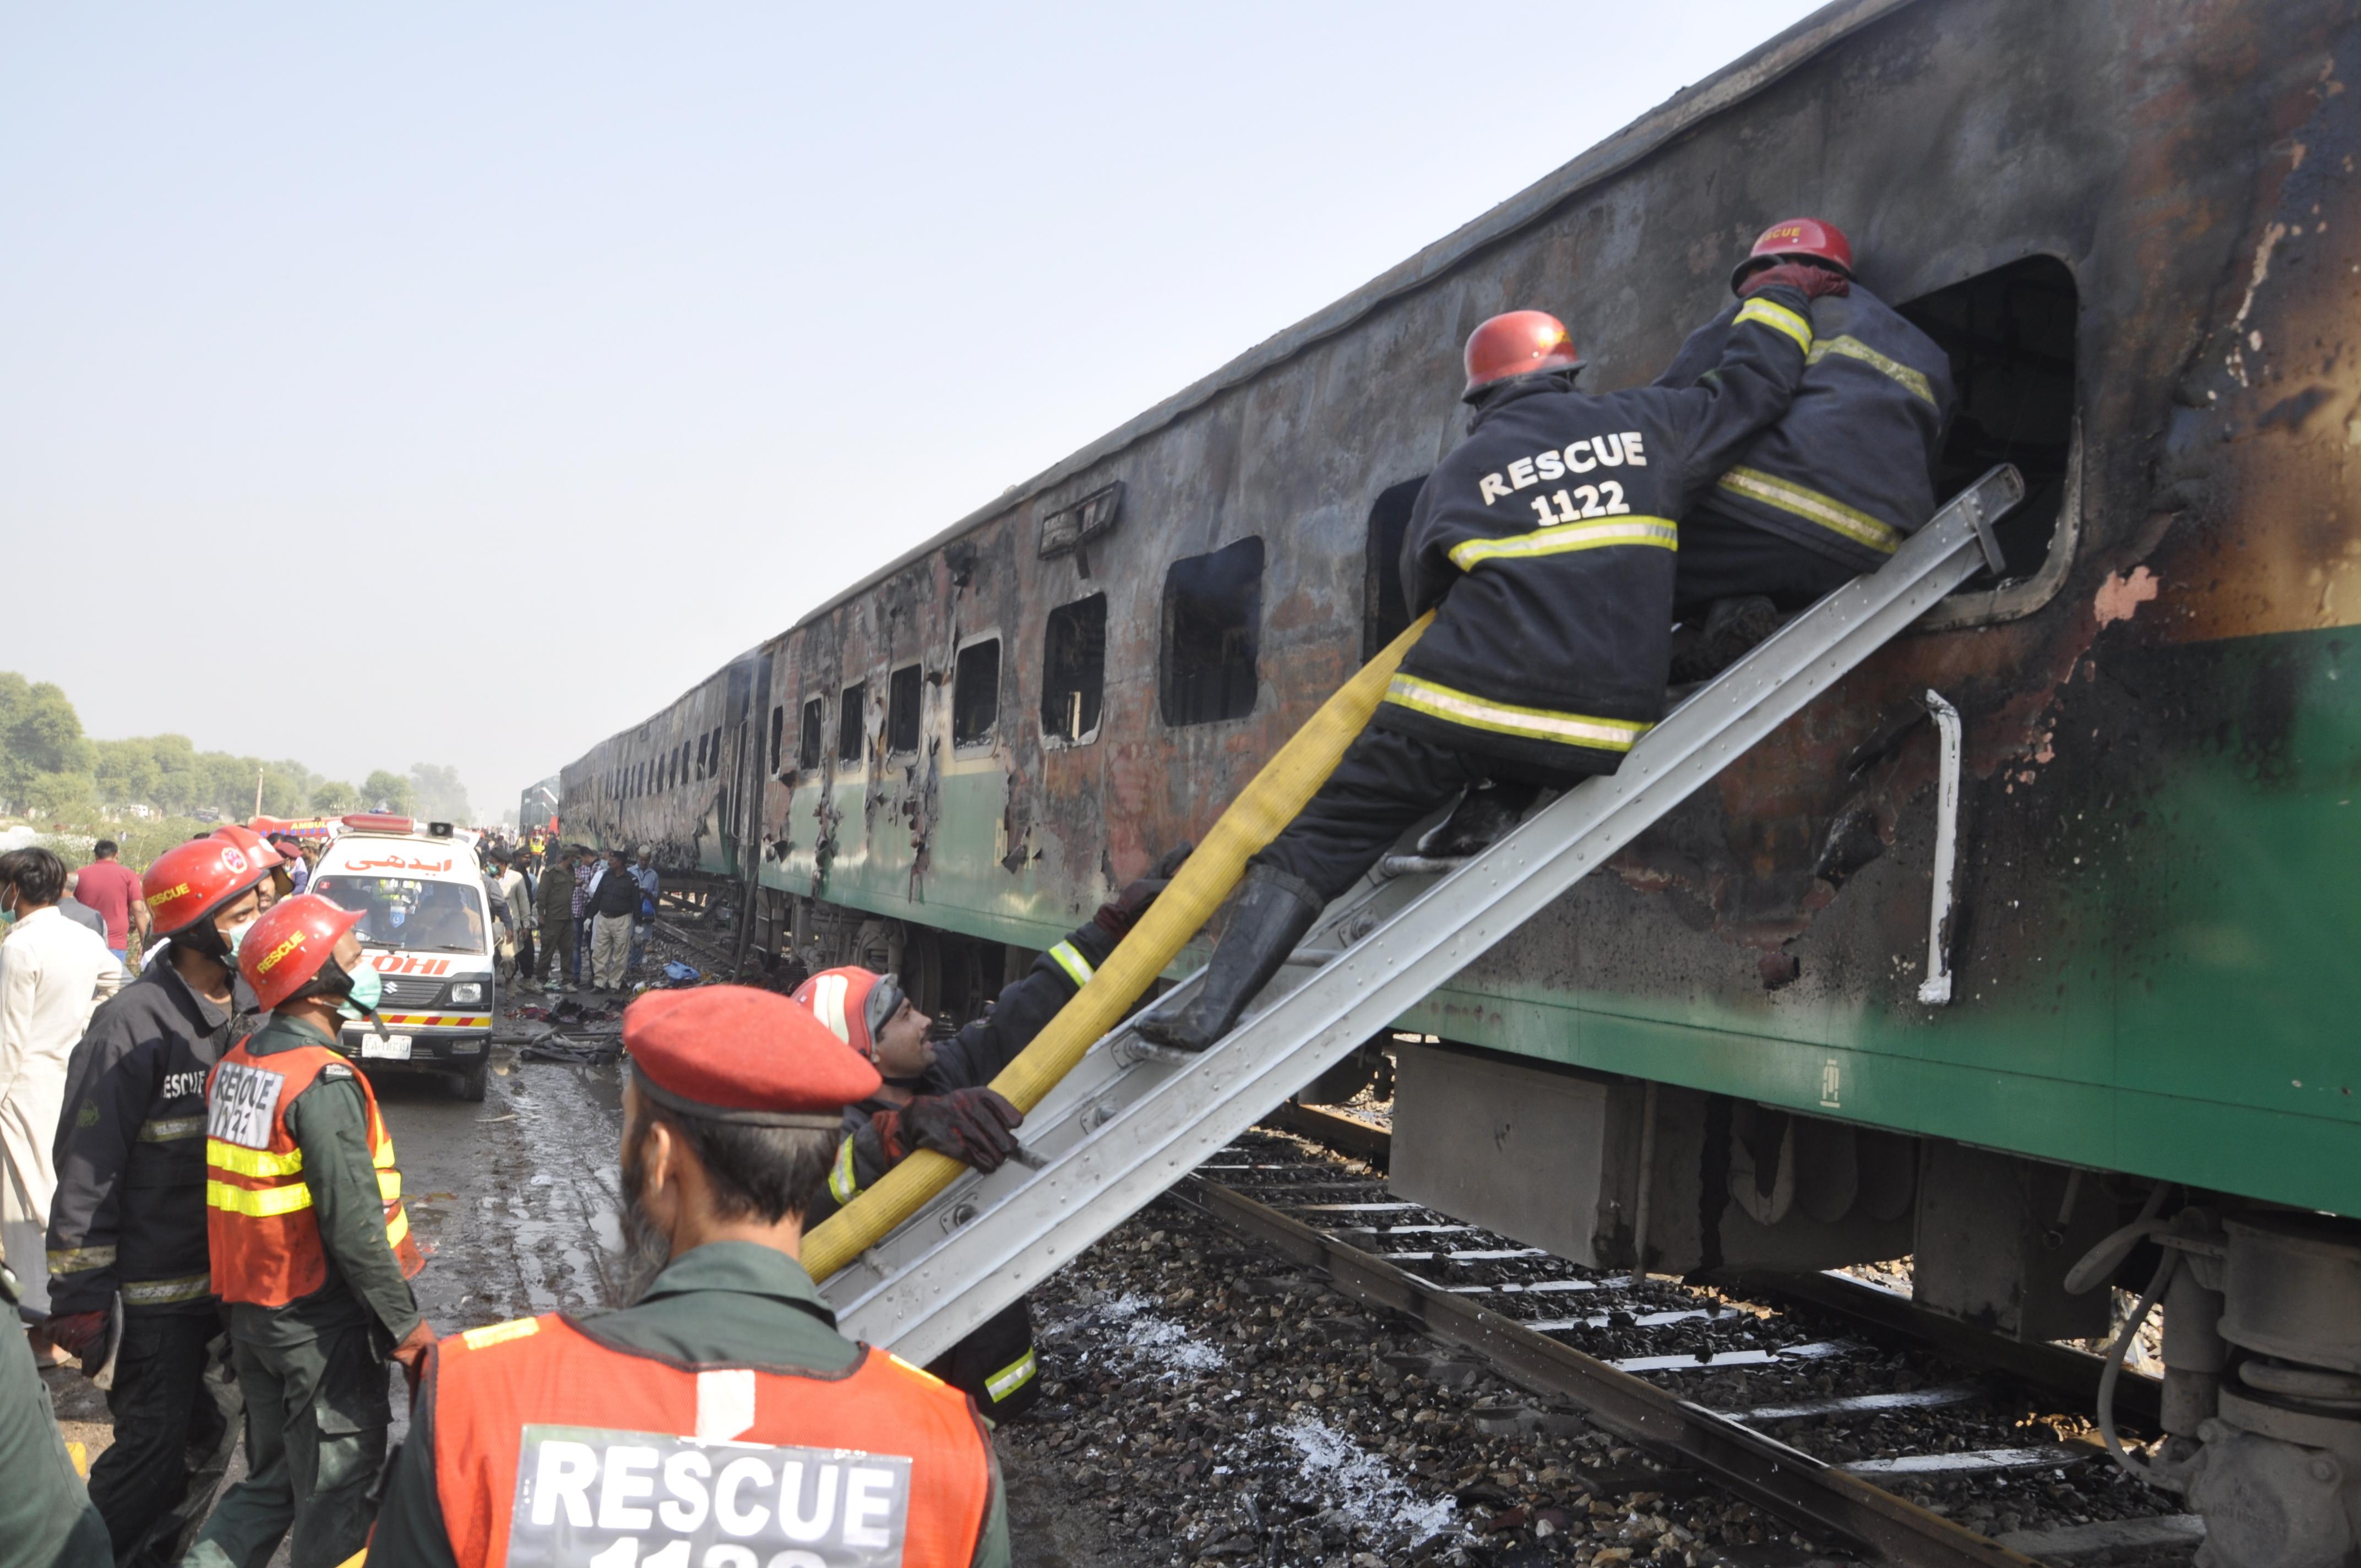 Los equipos de rescate buscan sobrevivientes después de un tren dañado por un incendio en Liaquatpur. (Foto AP / Siddique Baluch)